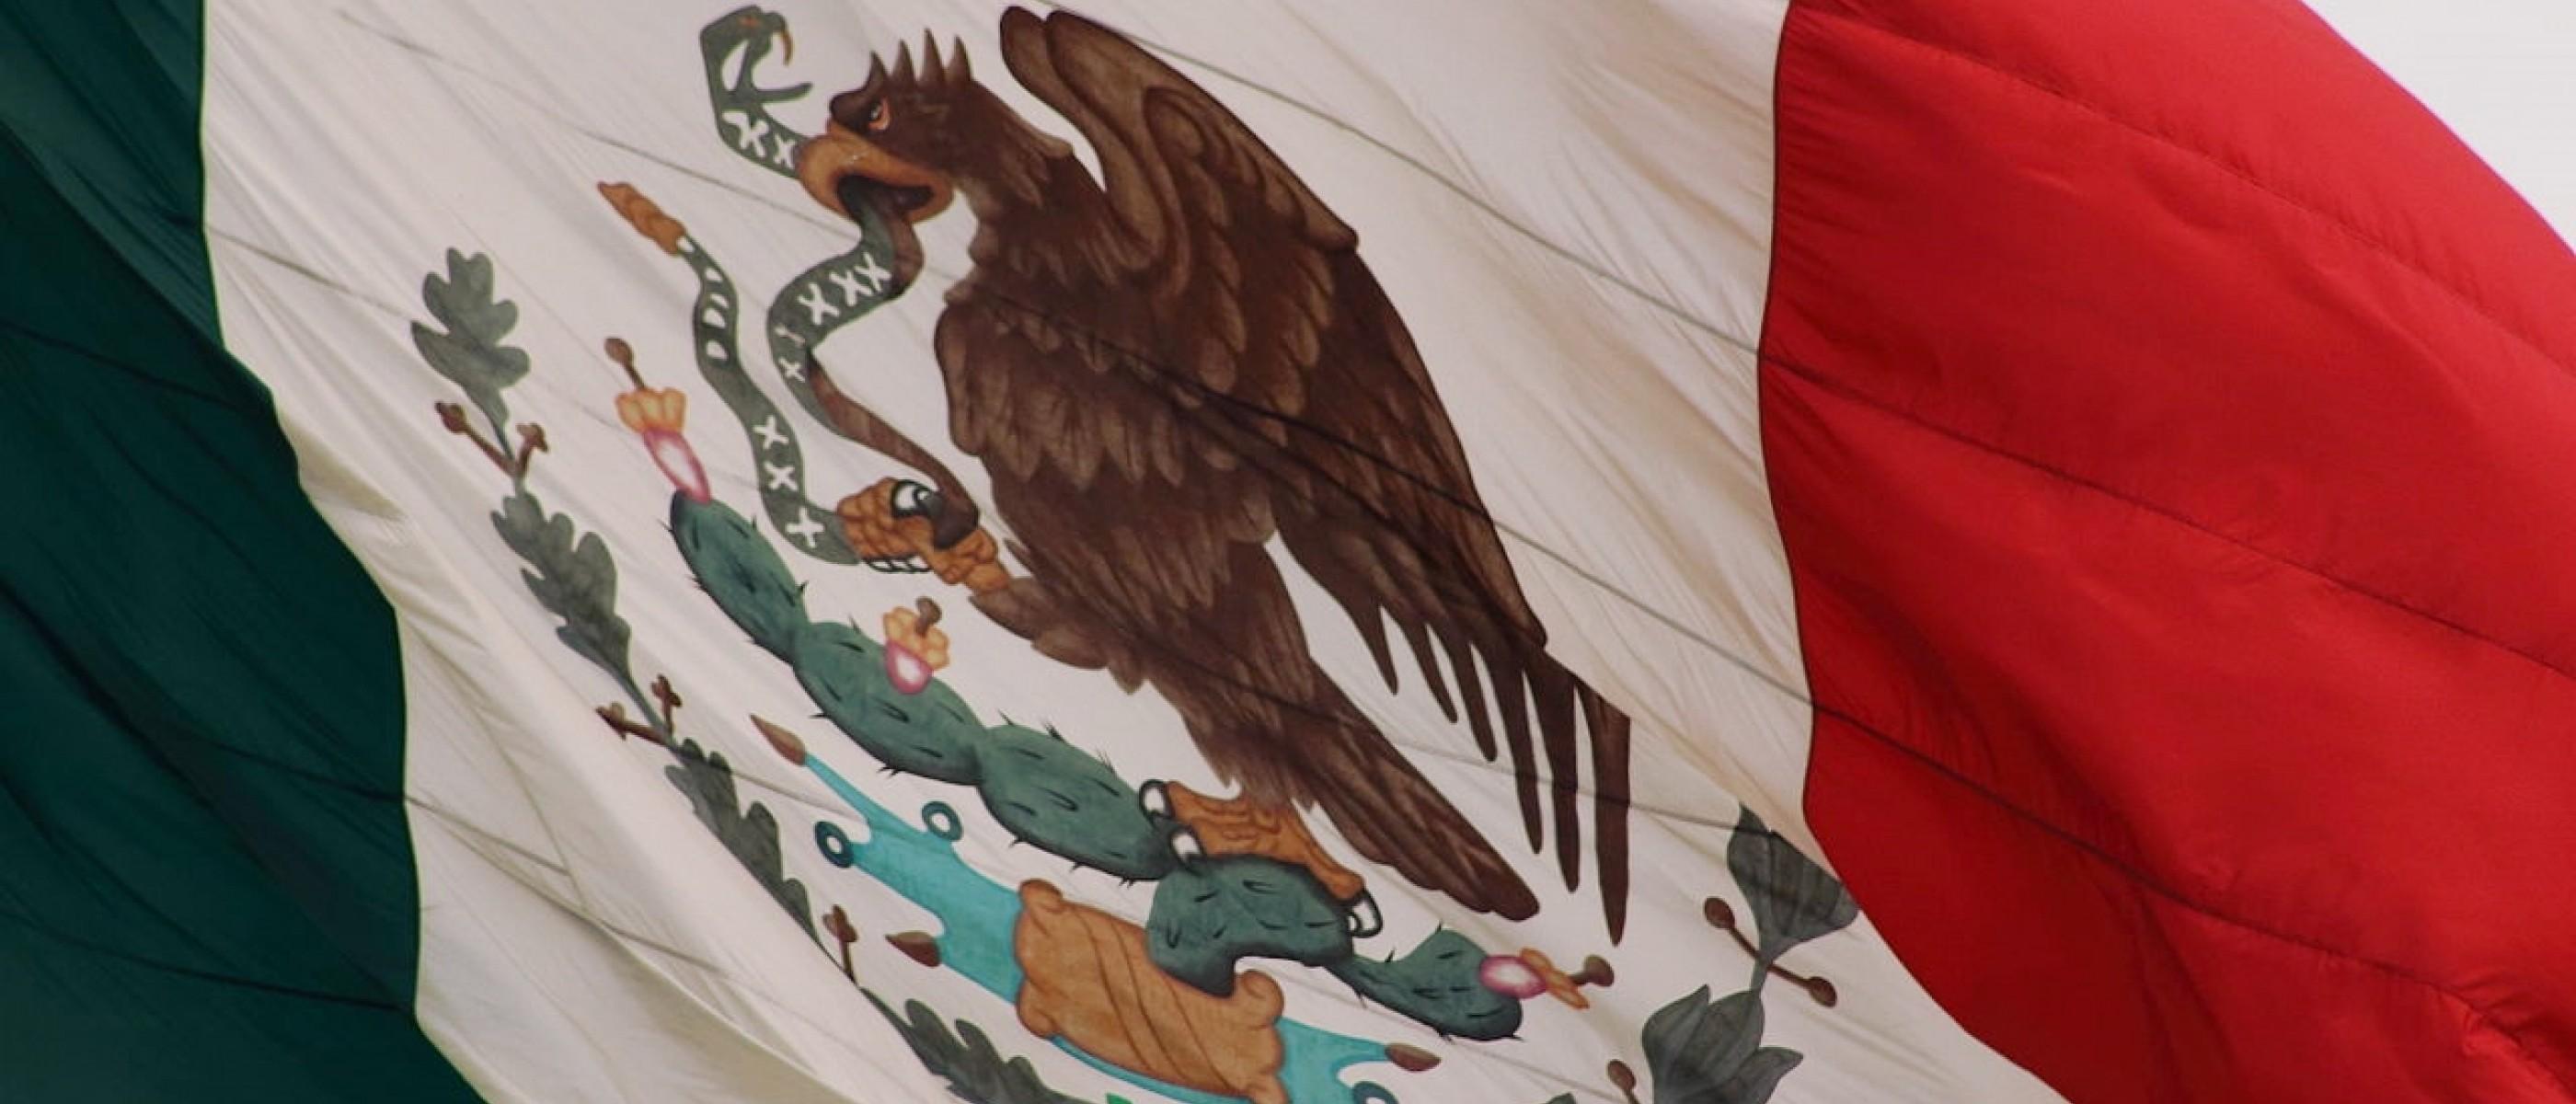 risalente a un minore in nuovo Messico